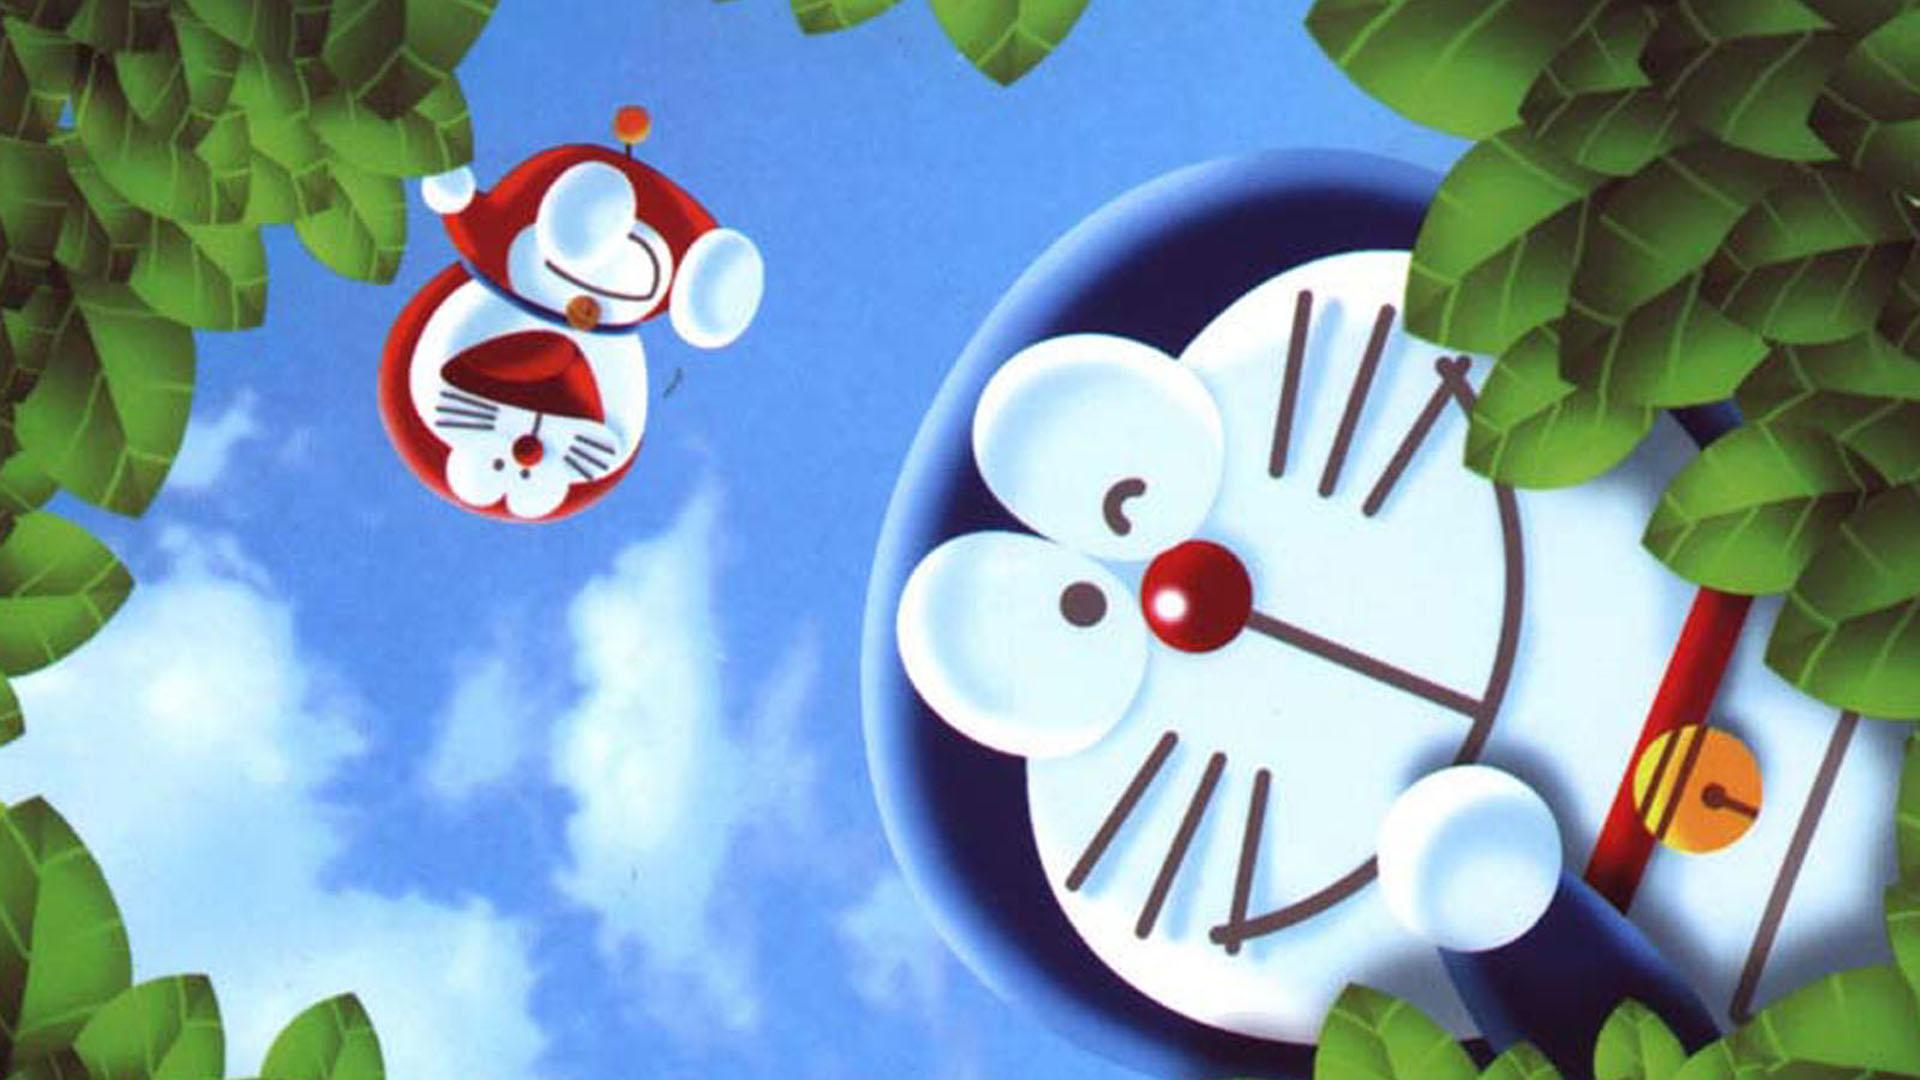 Download 70 Wallpaper Doraemon Yang Cantik Gratis